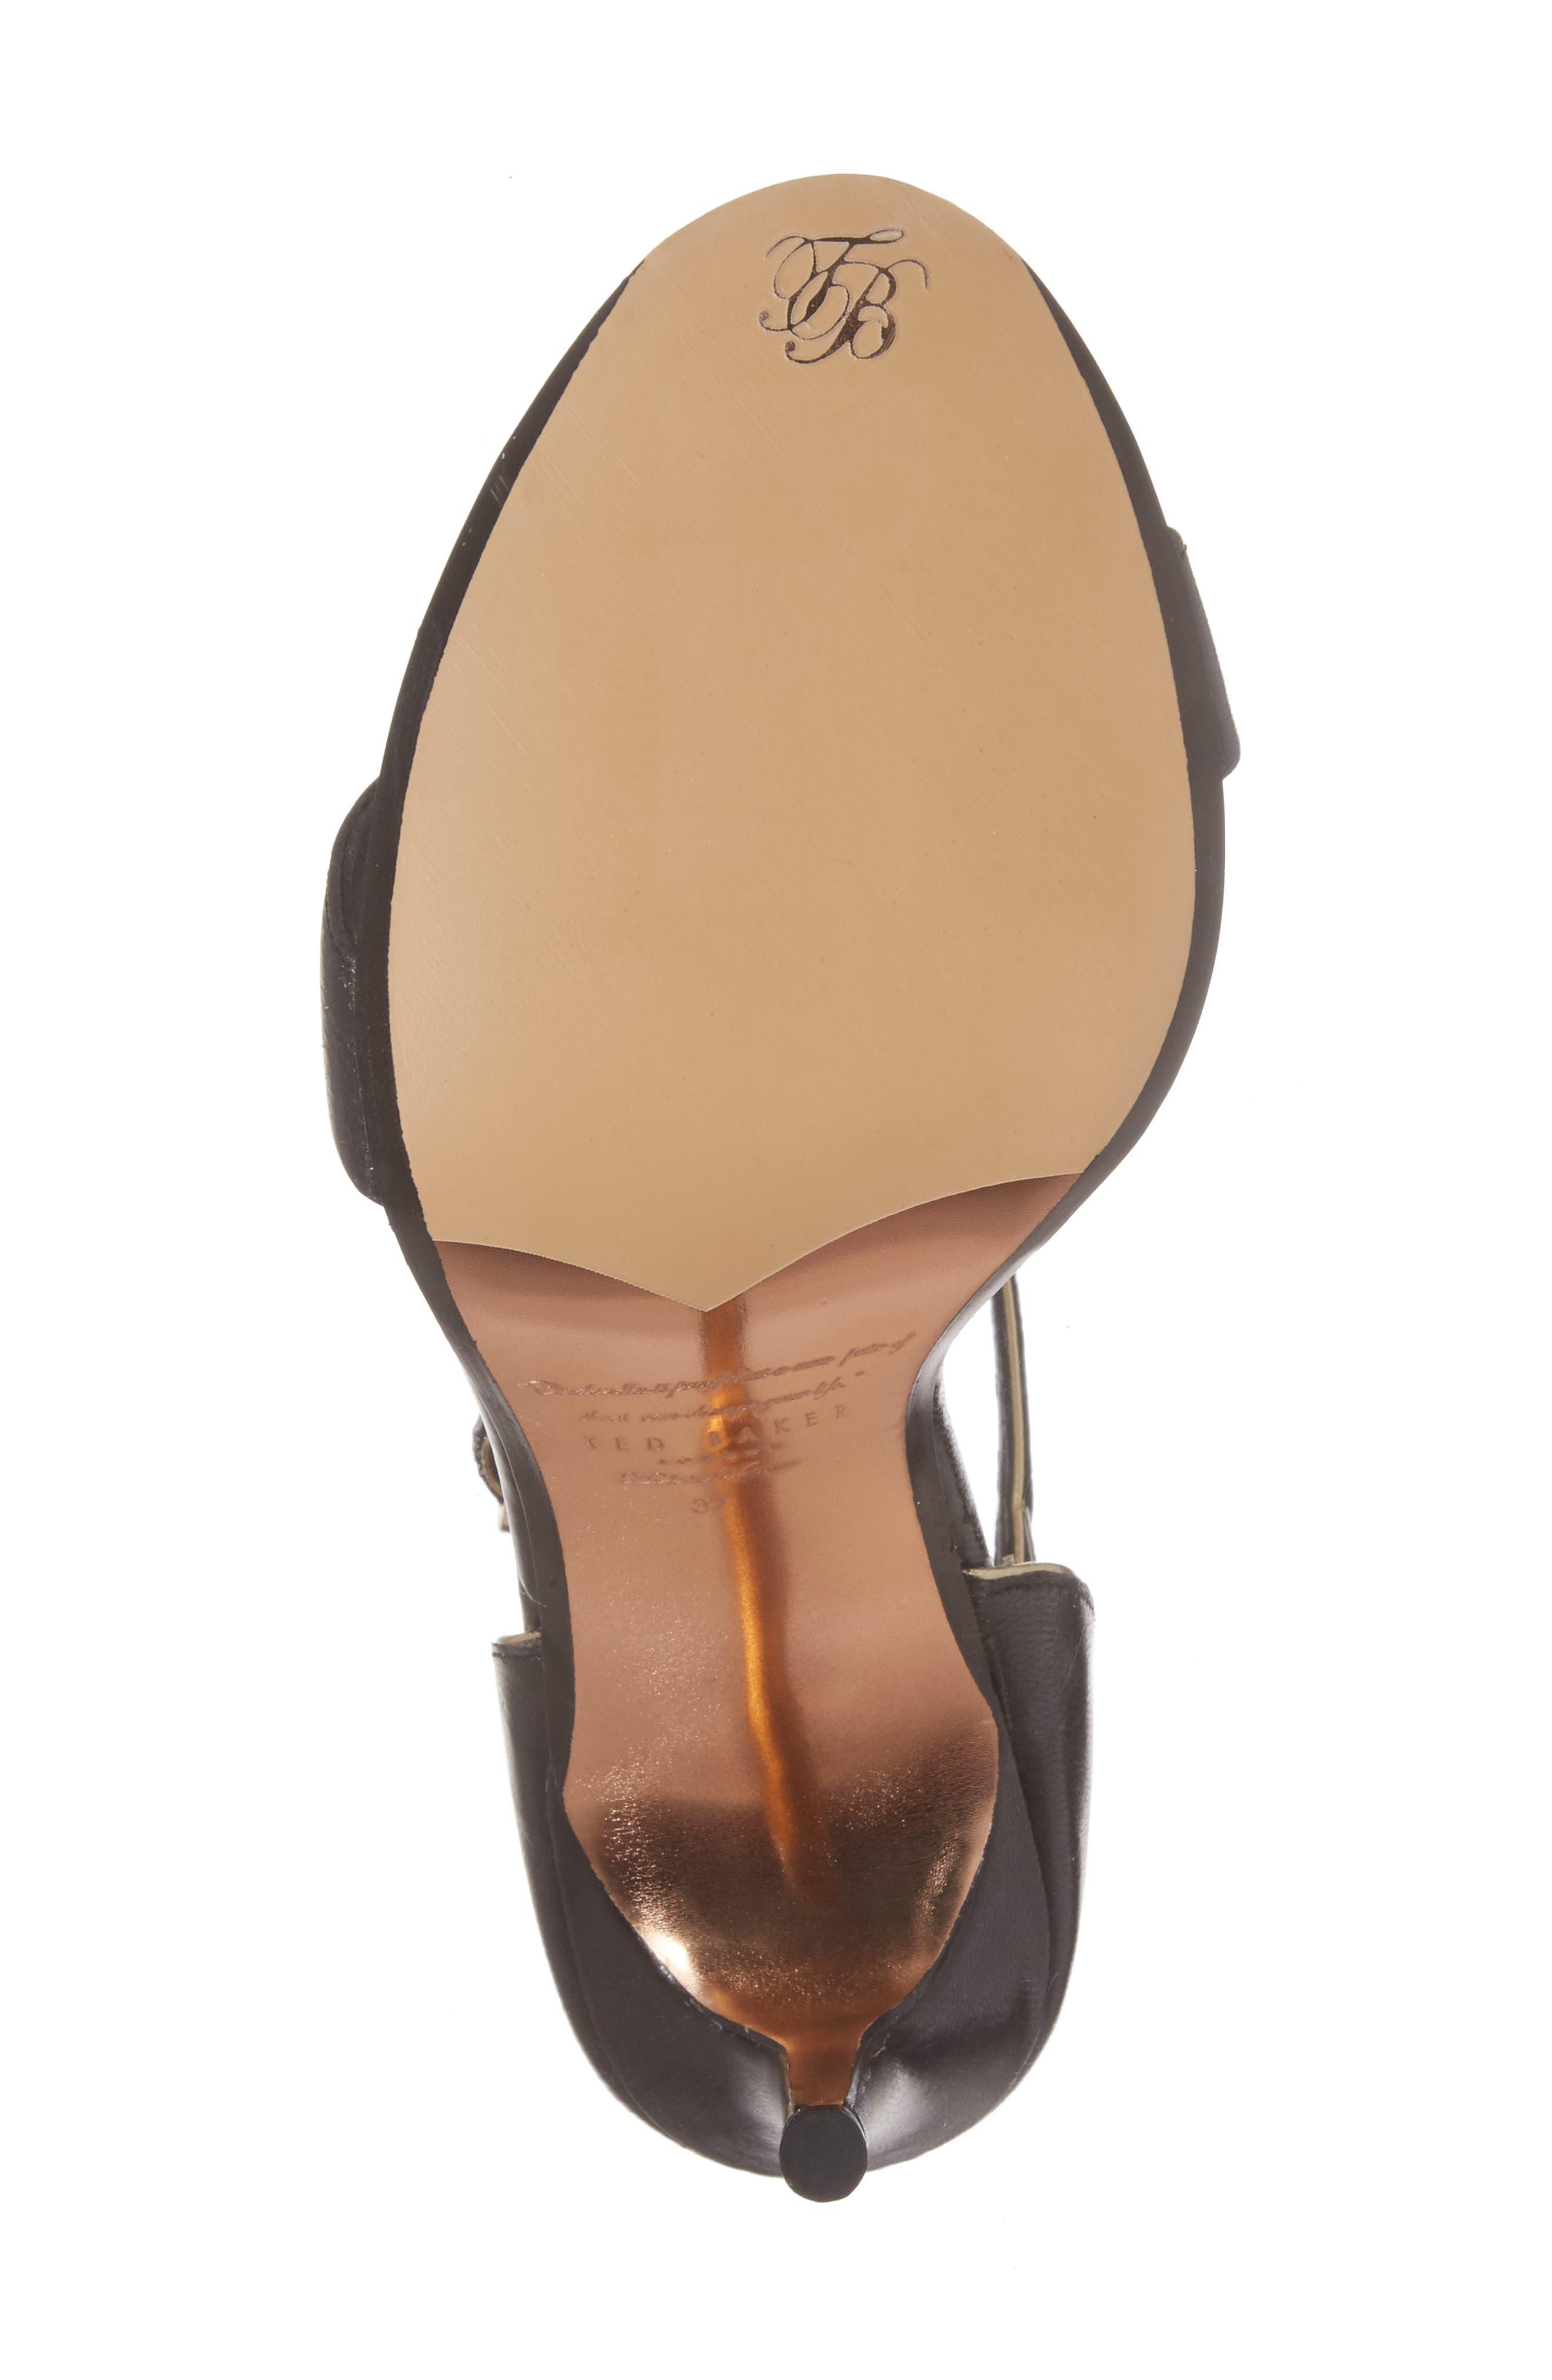 Mirobell Ankle Strap Sandal,                             Alternate thumbnail 16, color,